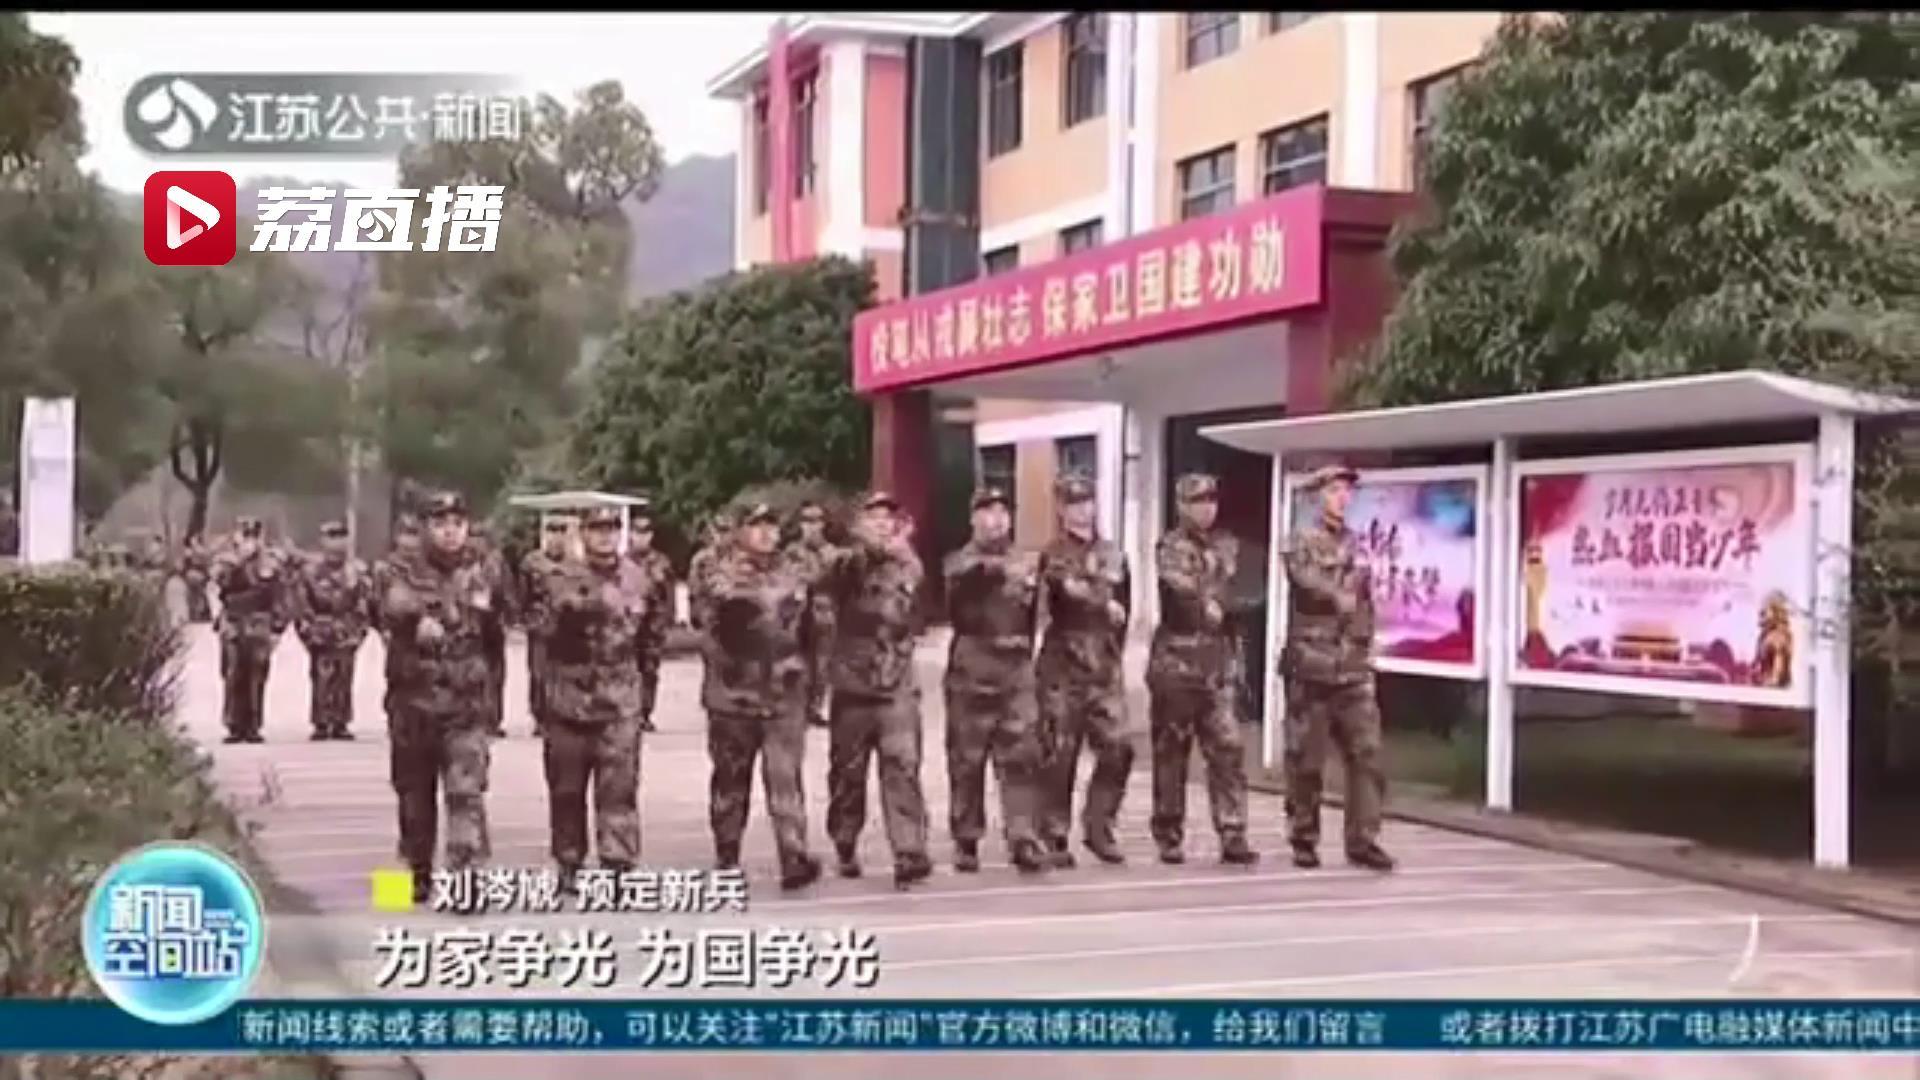 役前训练 江苏各地助力预定新兵迈好军旅生涯第一步